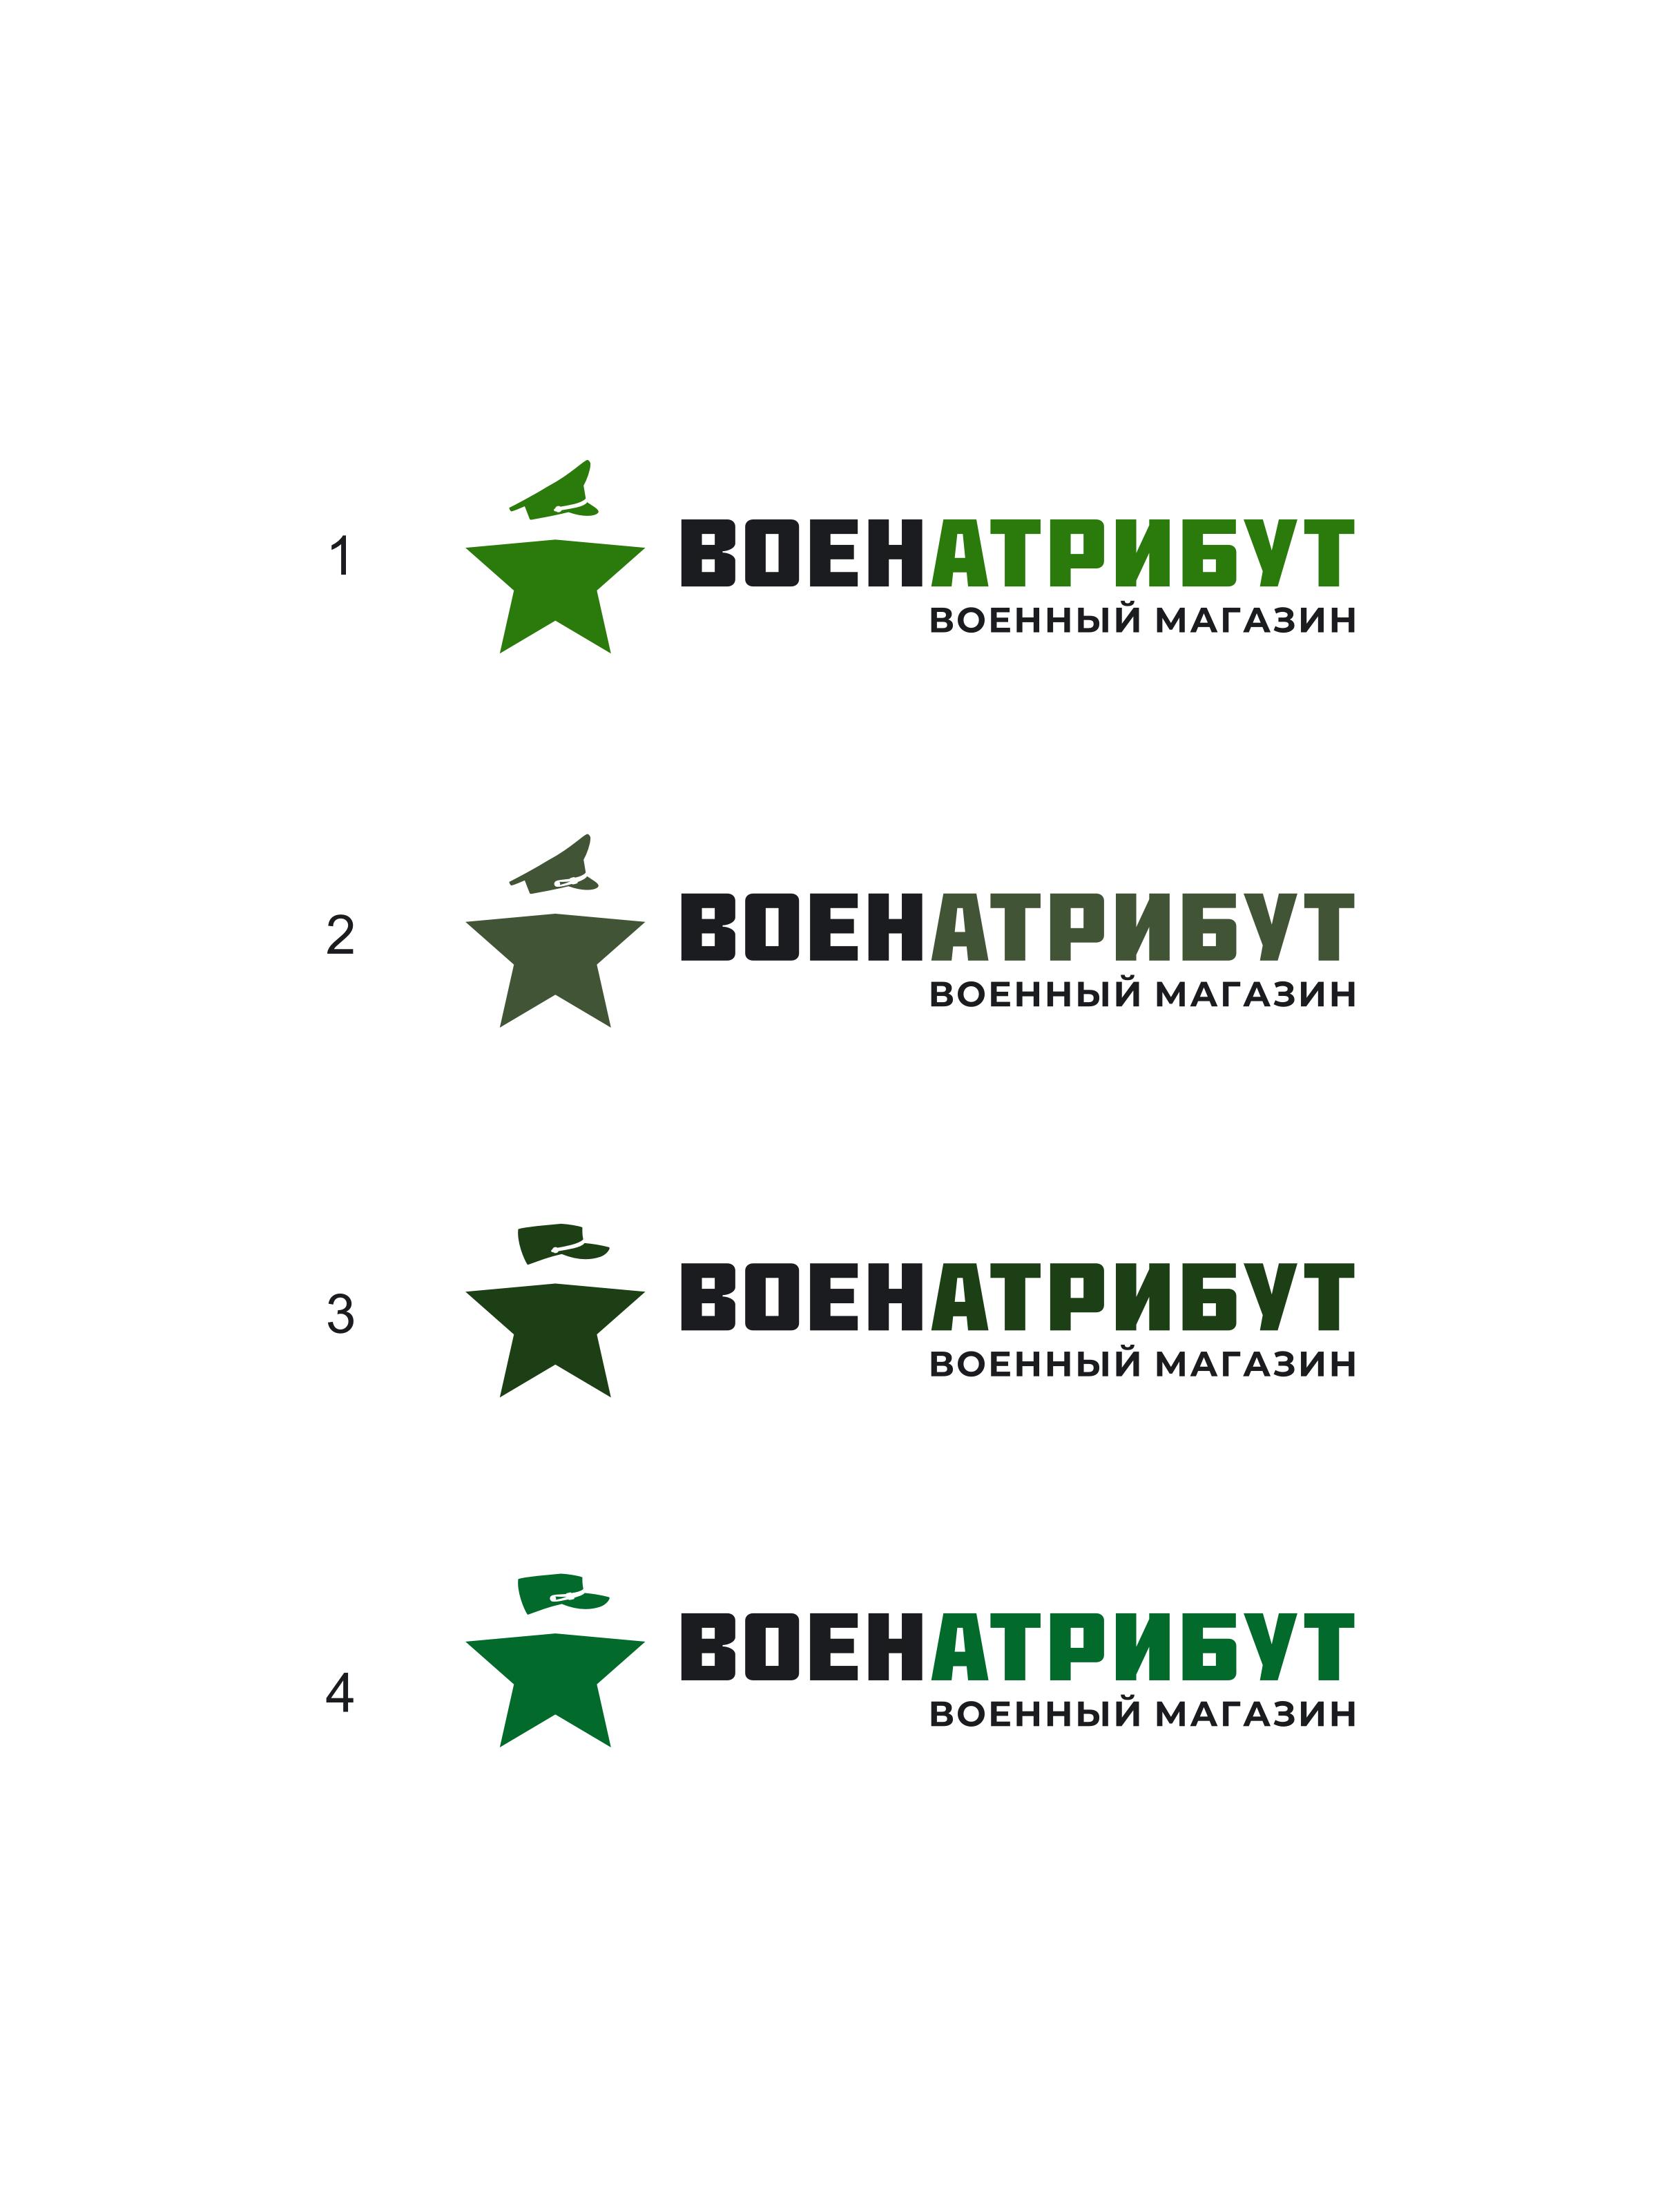 Разработка логотипа для компании военной тематики фото f_856602256845688a.png